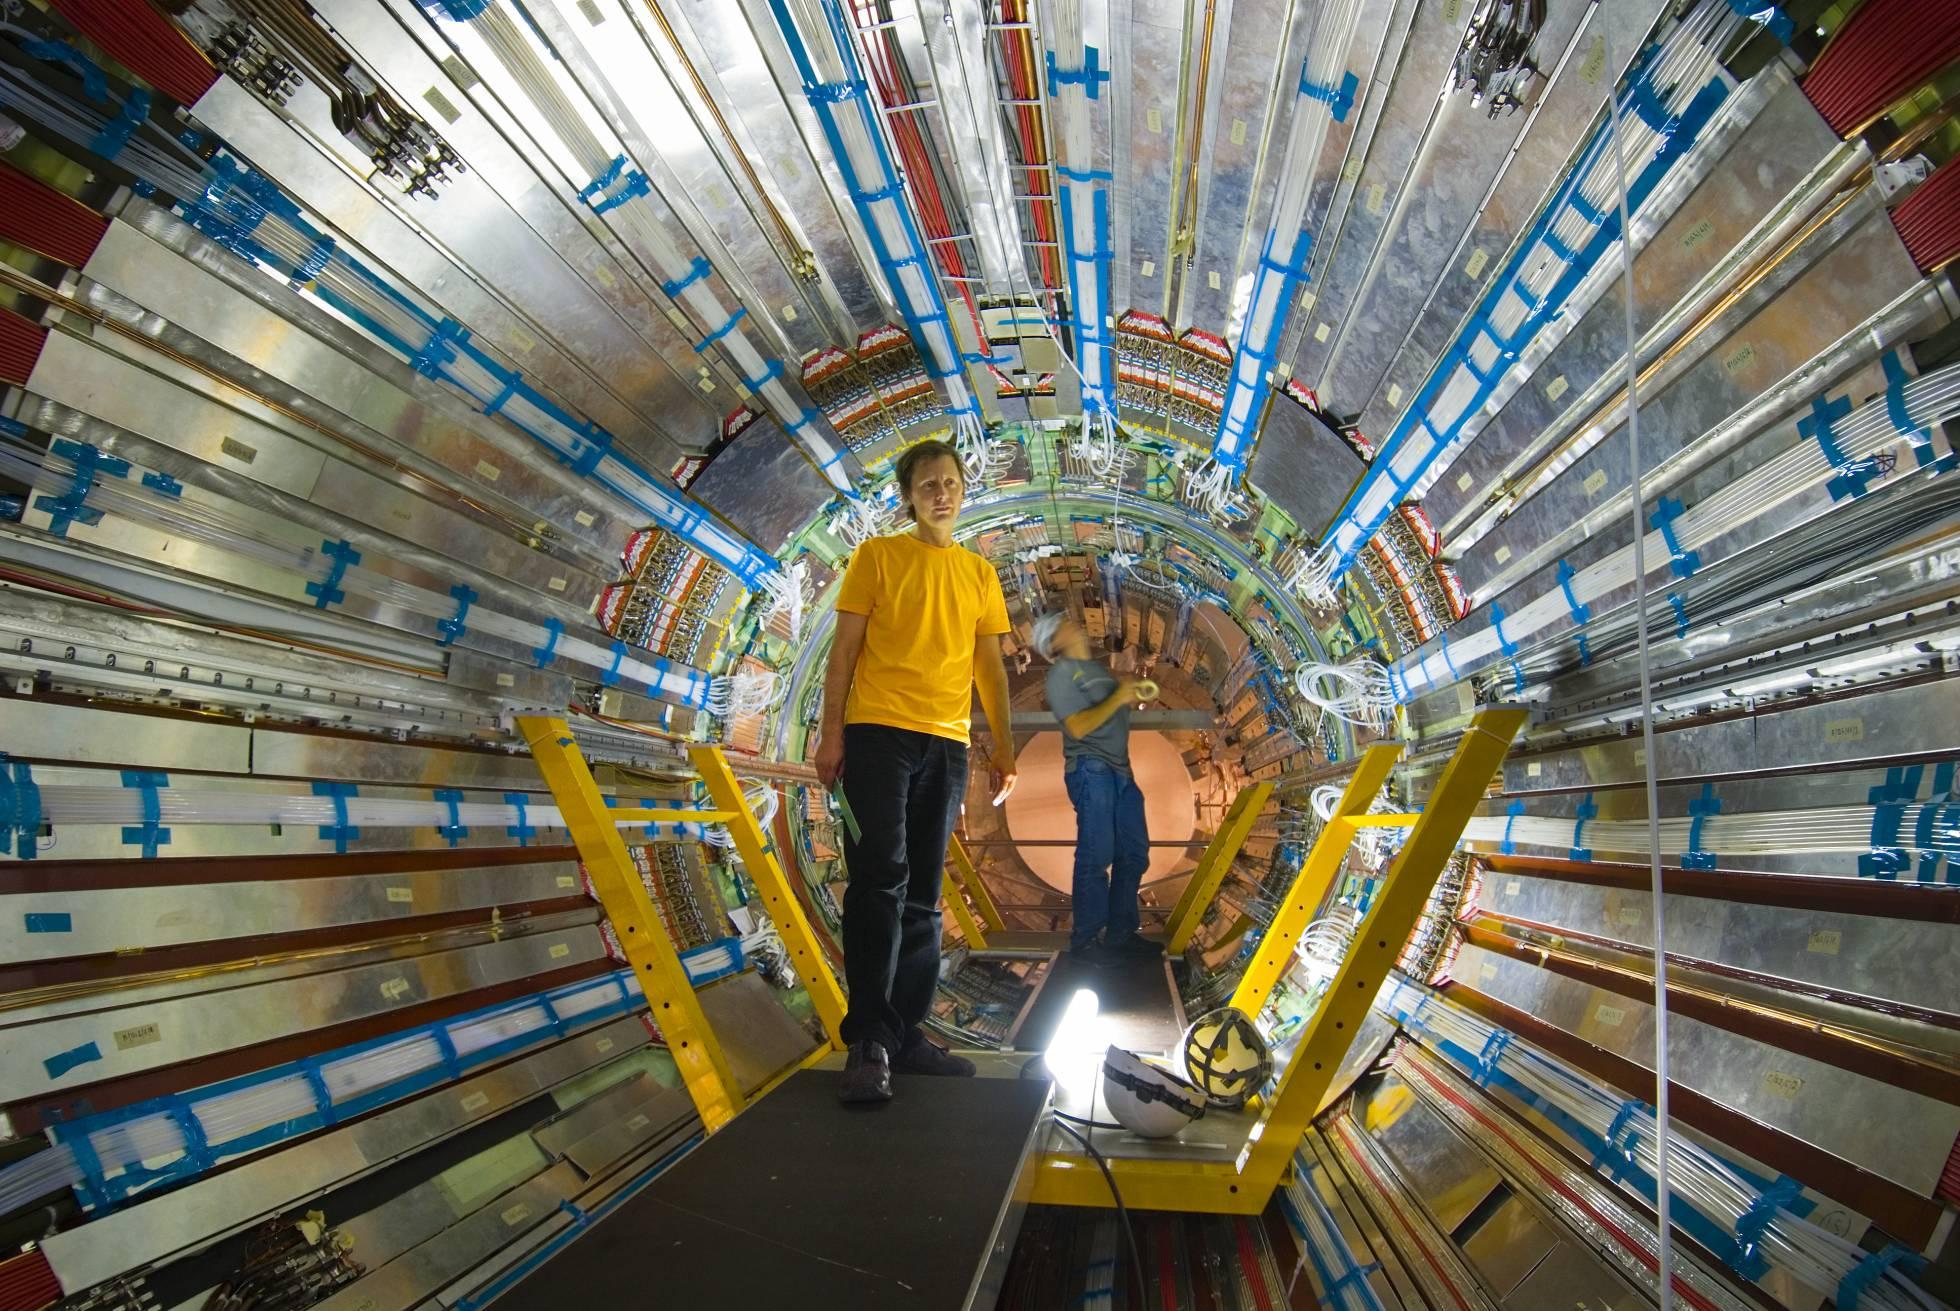 CERN .... - Página 6 1470399688_268783_1470400688_noticia_normal_recorte1